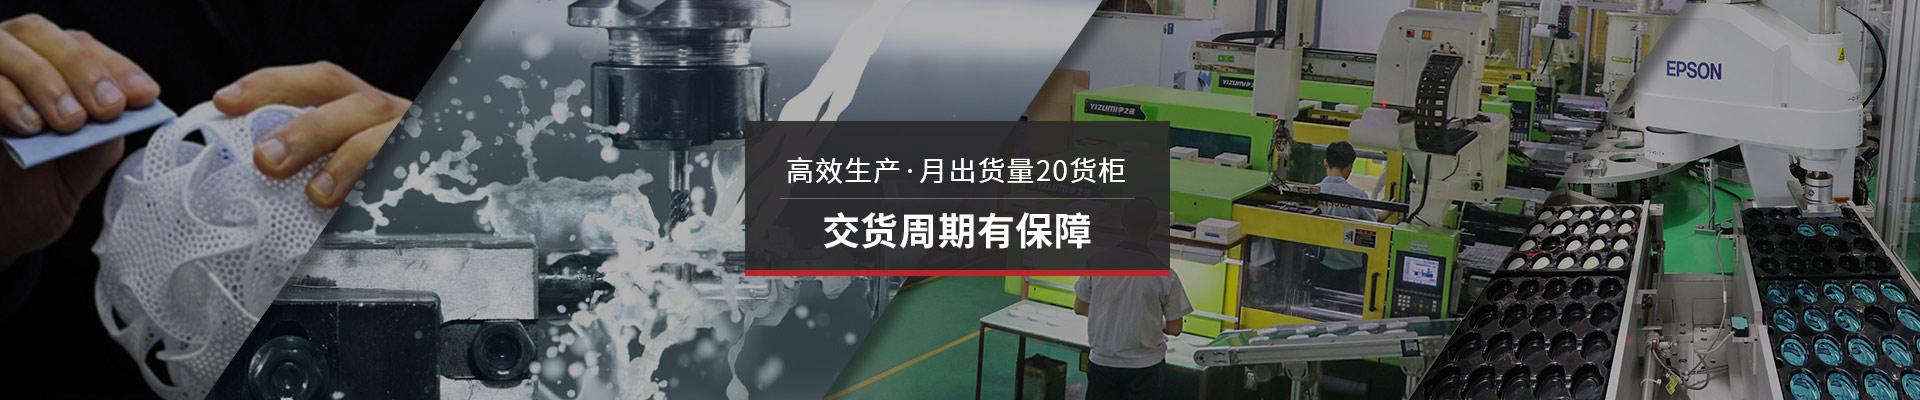 马驰科-高效生产,日产注塑20万套